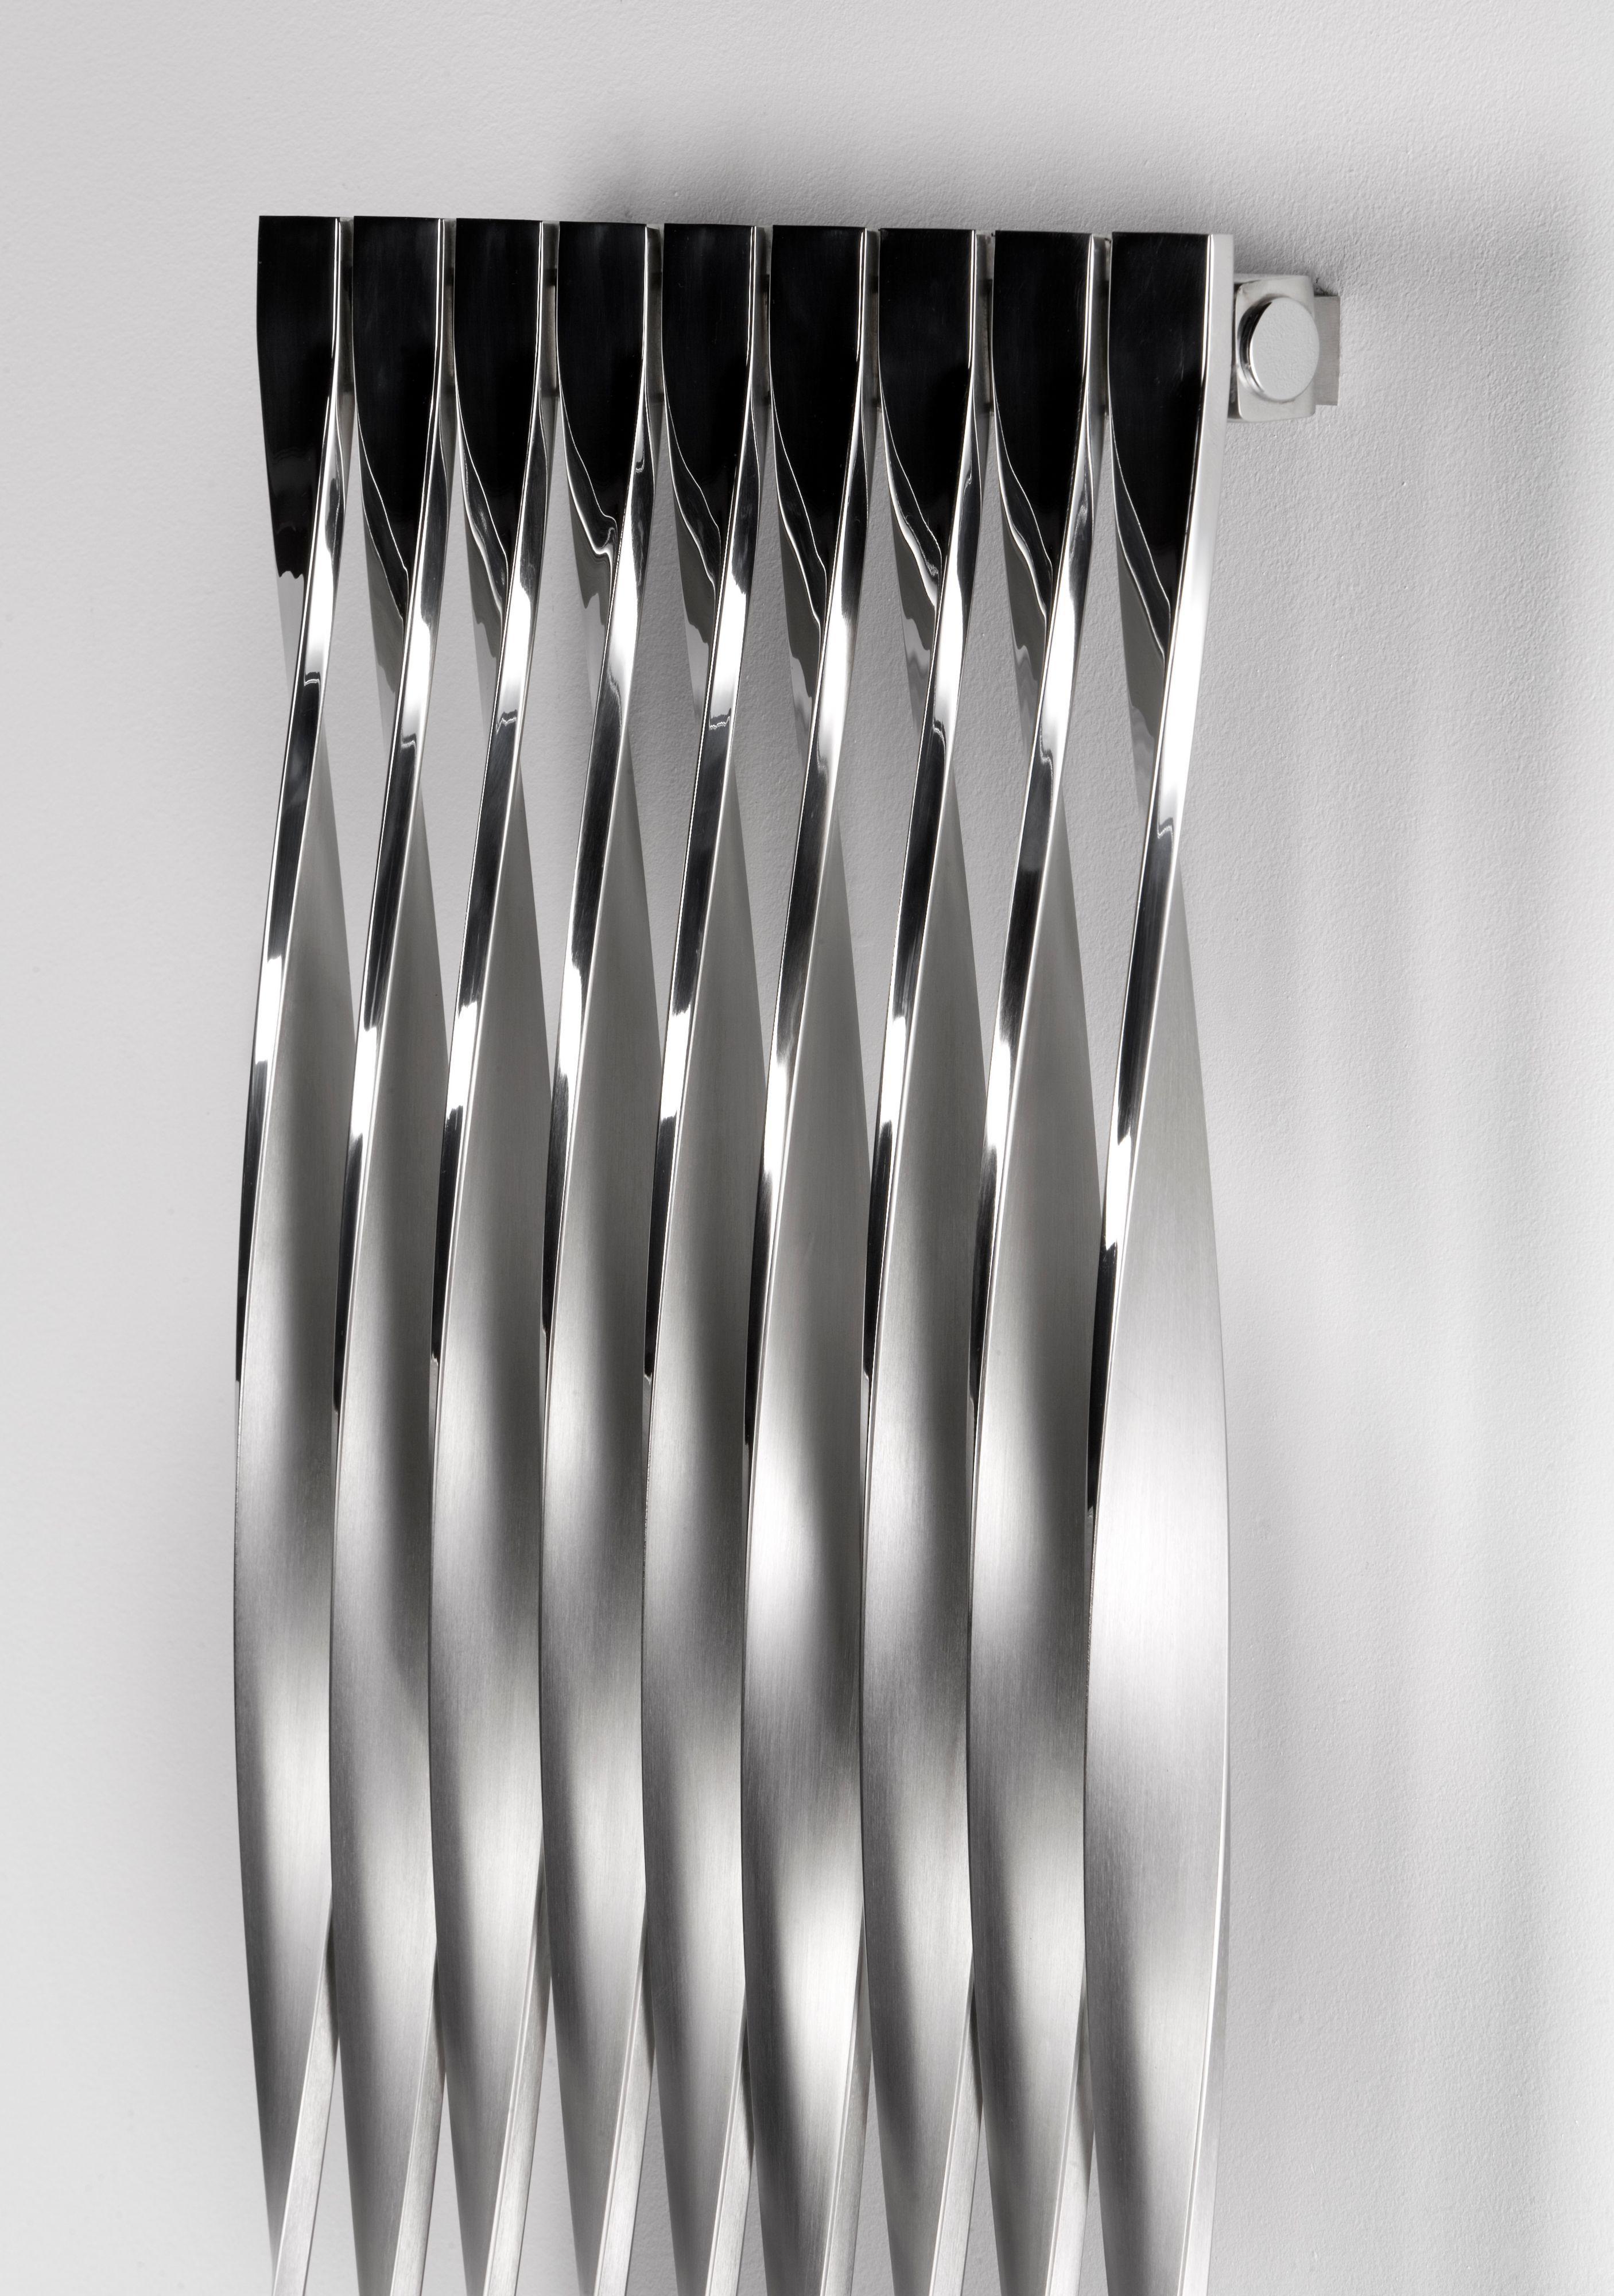 Best Corkscrew Vertical Radiator Brushed Polished H 1500 Mm 400 x 300